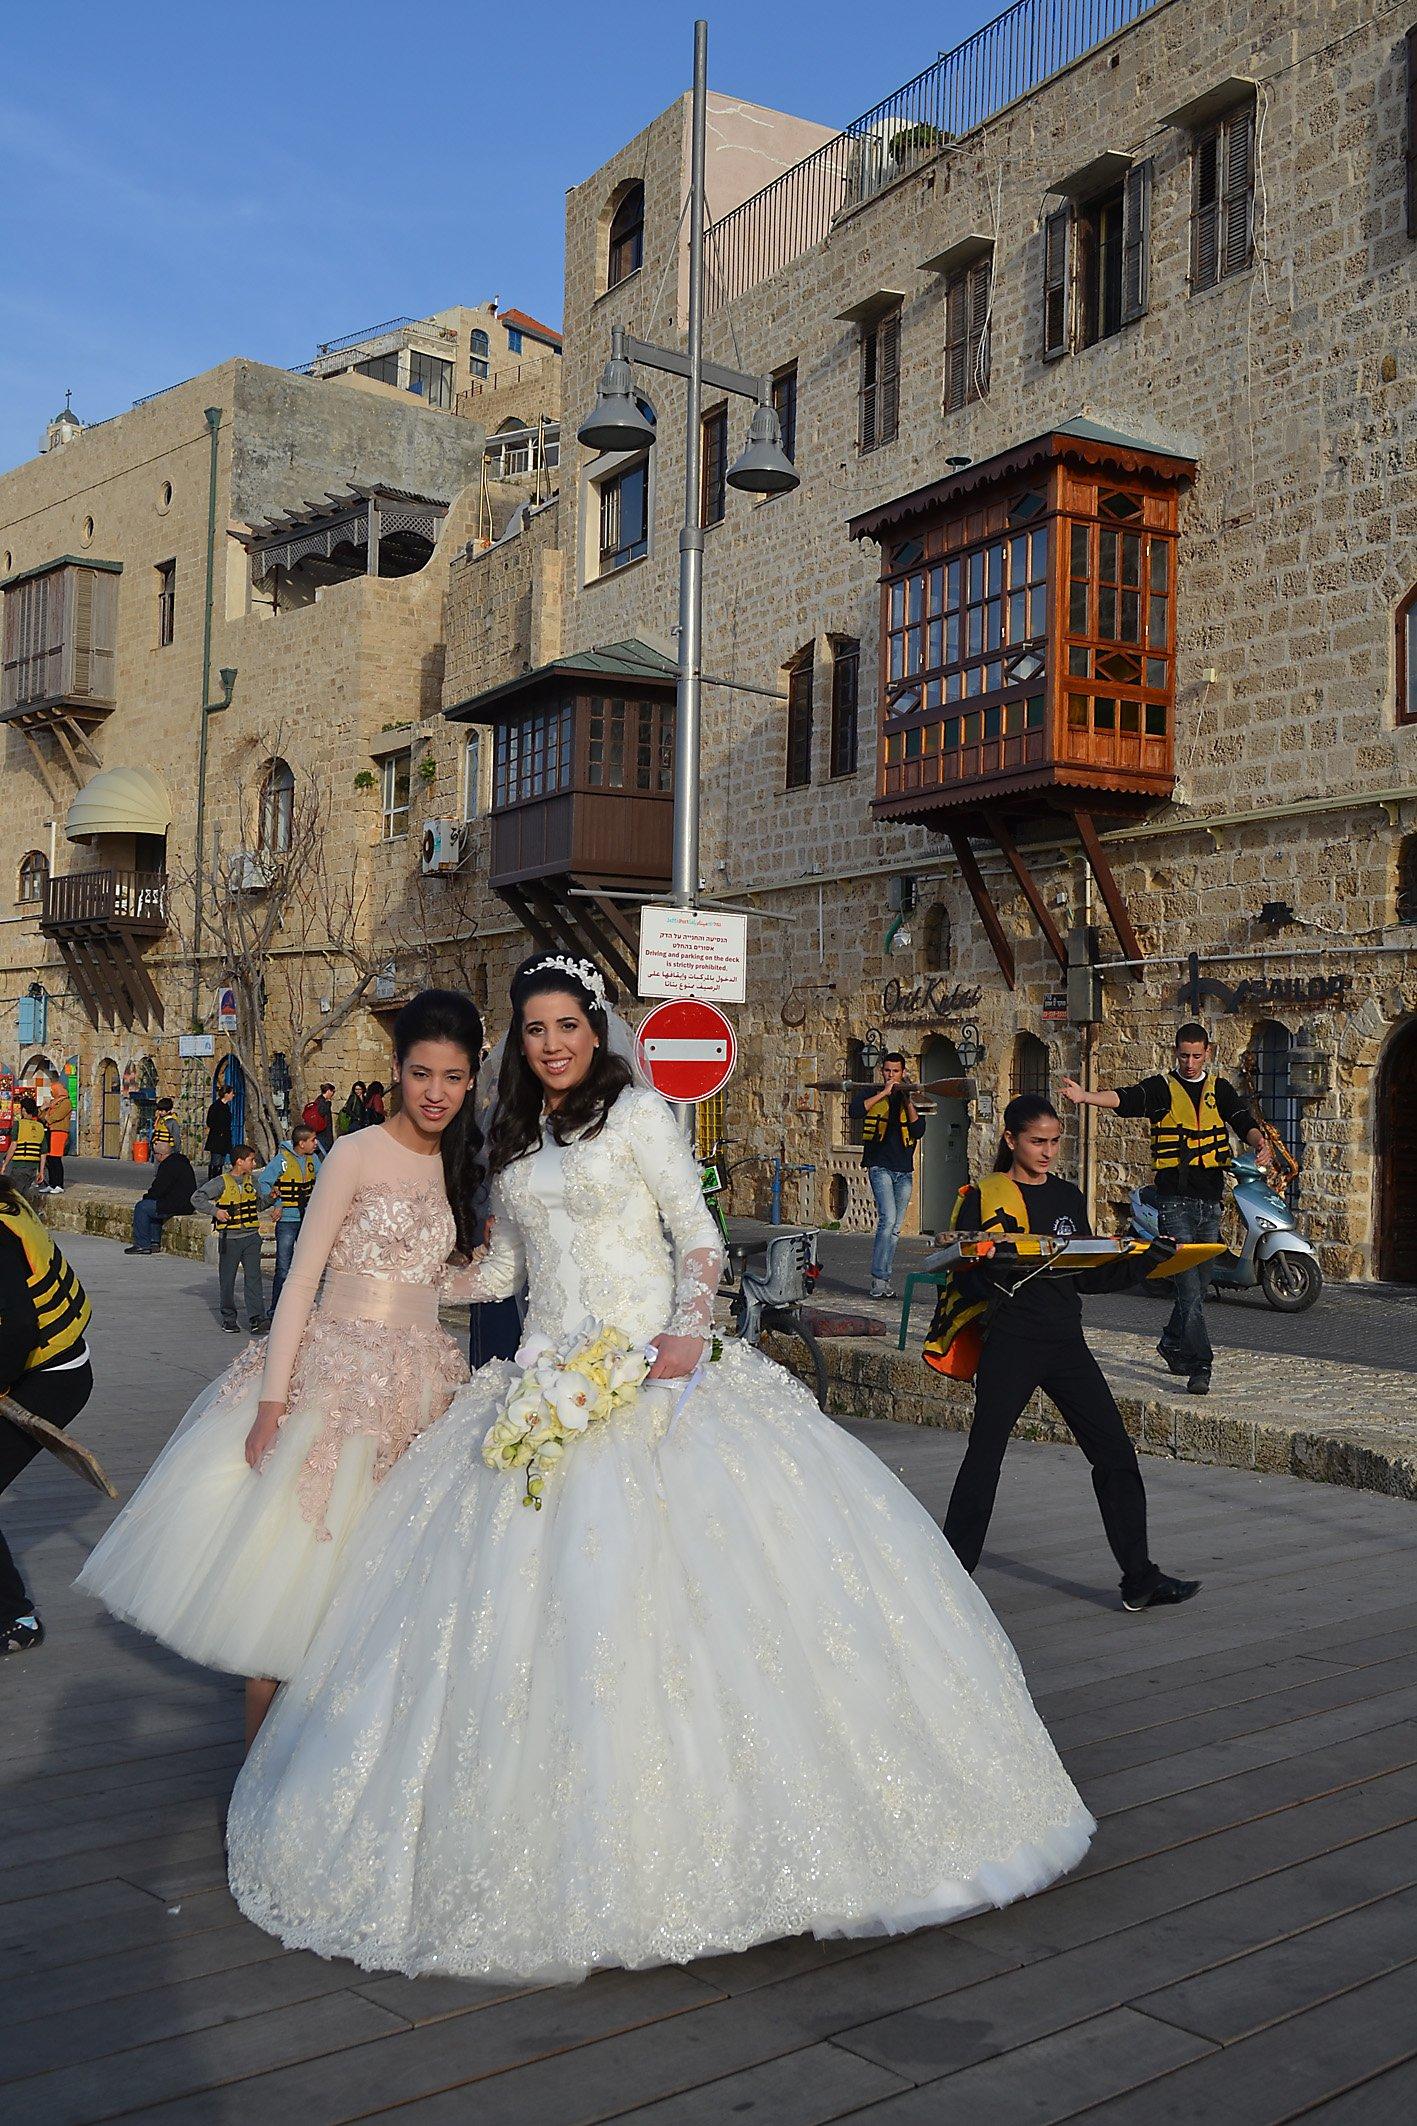 Hochzeitspaar in Old Jaffa. Foto: Exbir Travel, C. Maskos